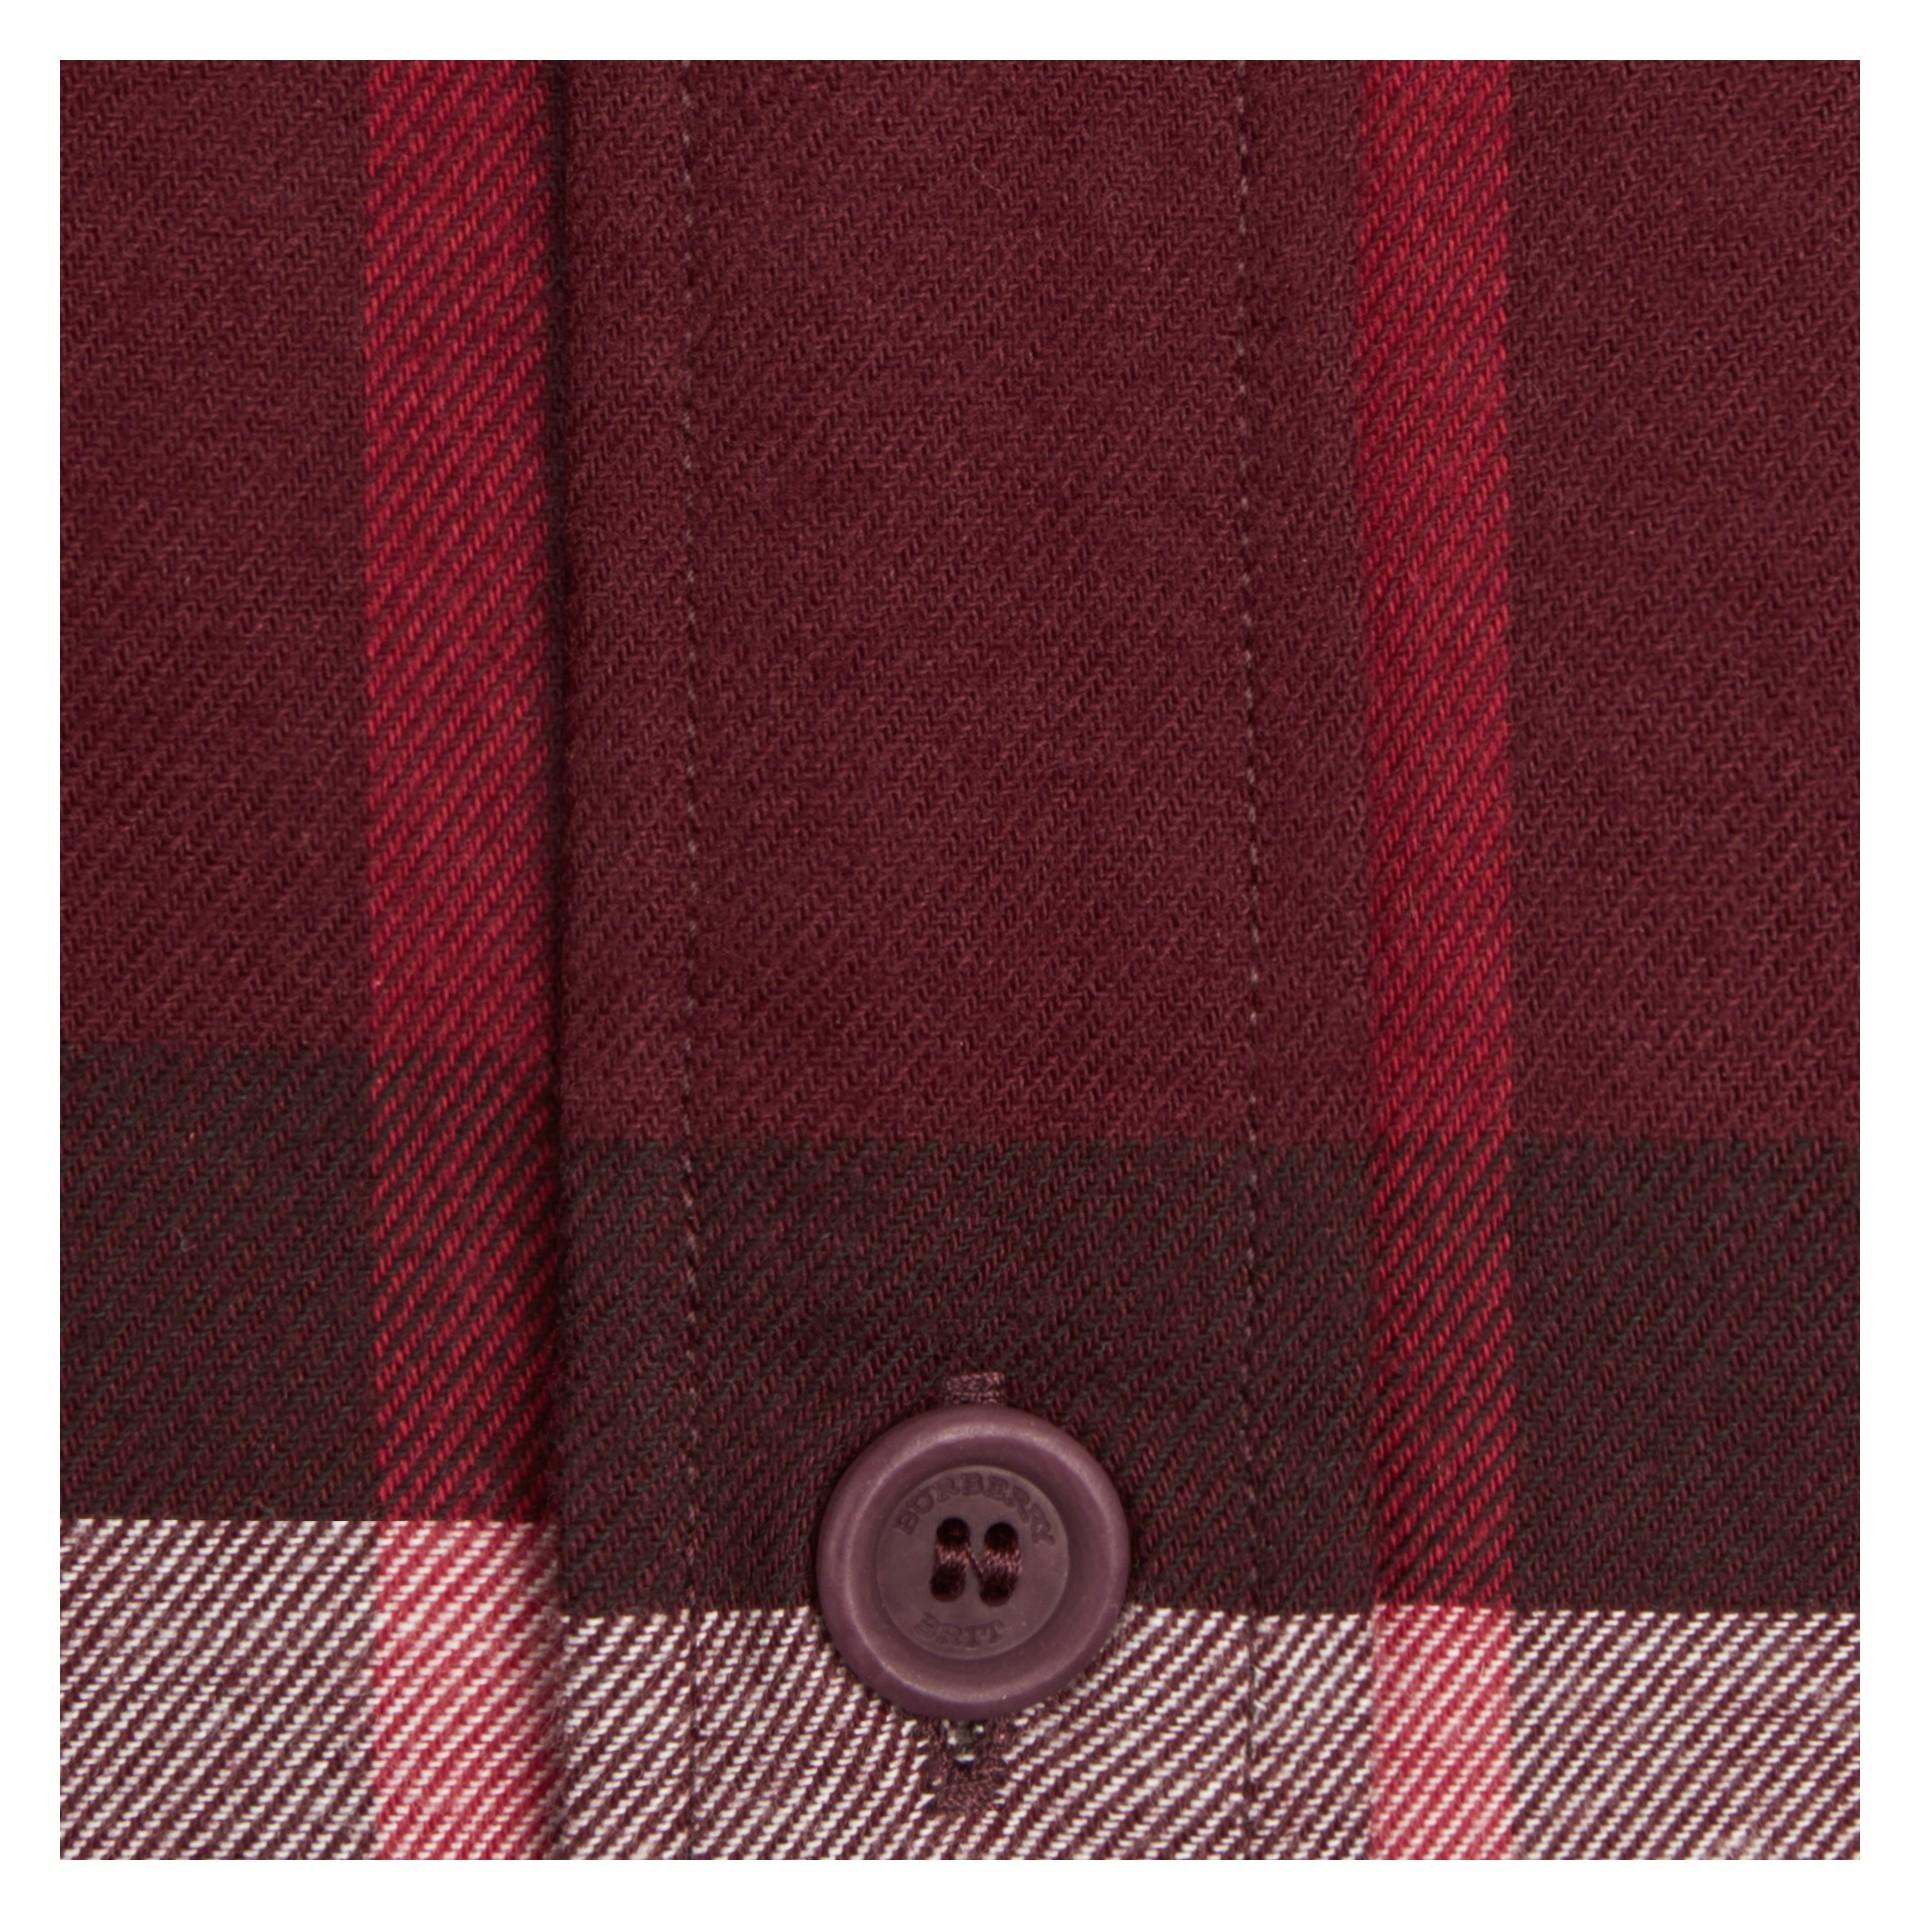 Weinrot Hemd aus Baumwollflanell mit Check-Muster Weinrot - Galerie-Bild 2